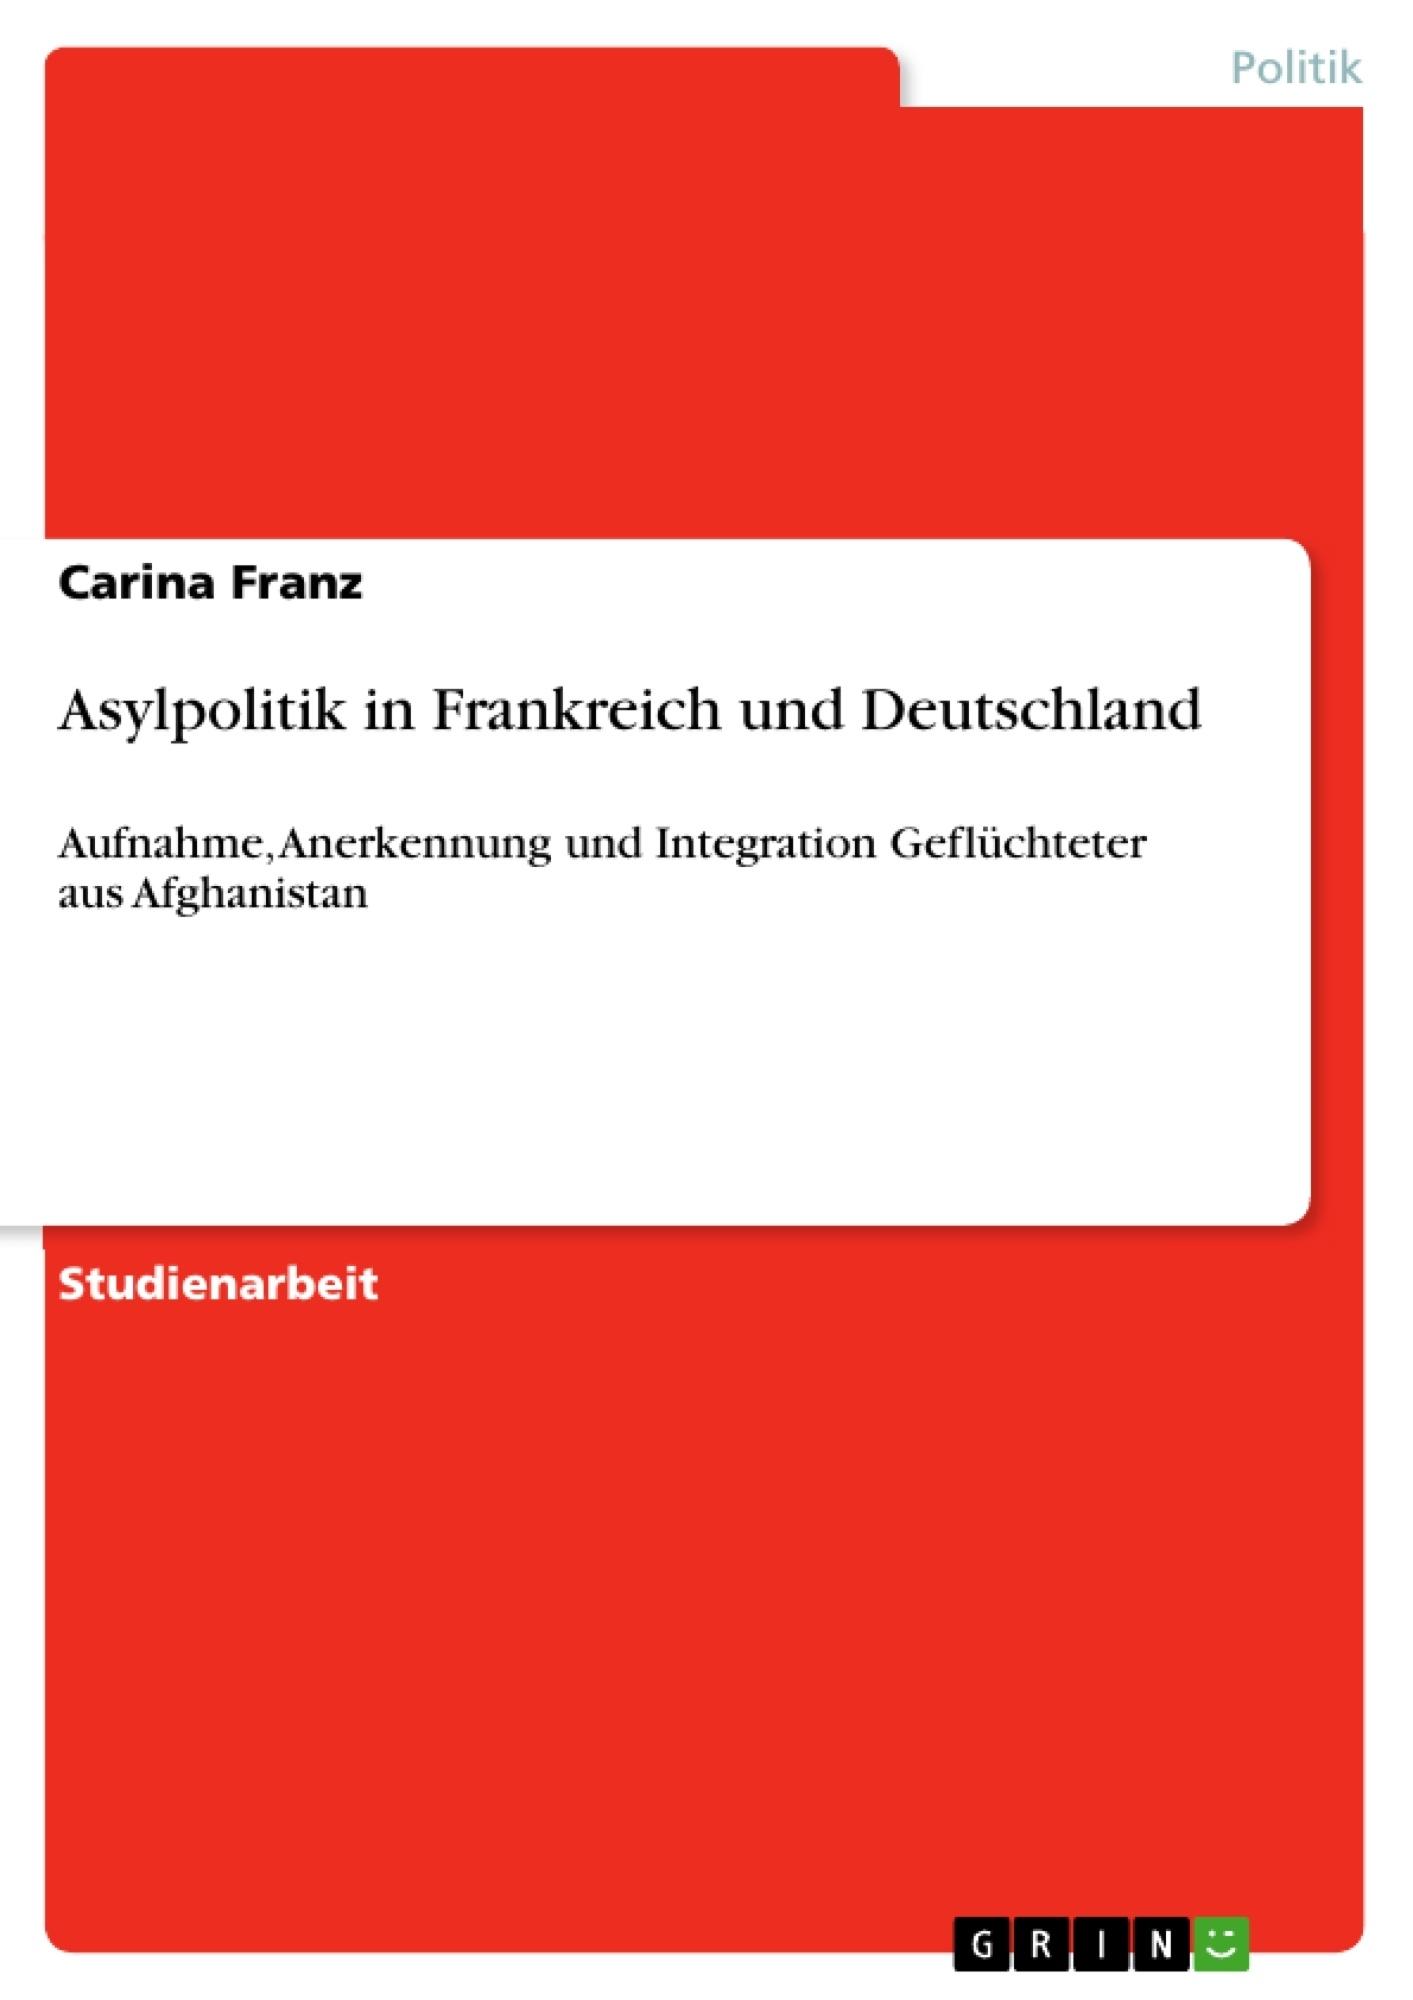 Titel: Asylpolitik in Frankreich und Deutschland